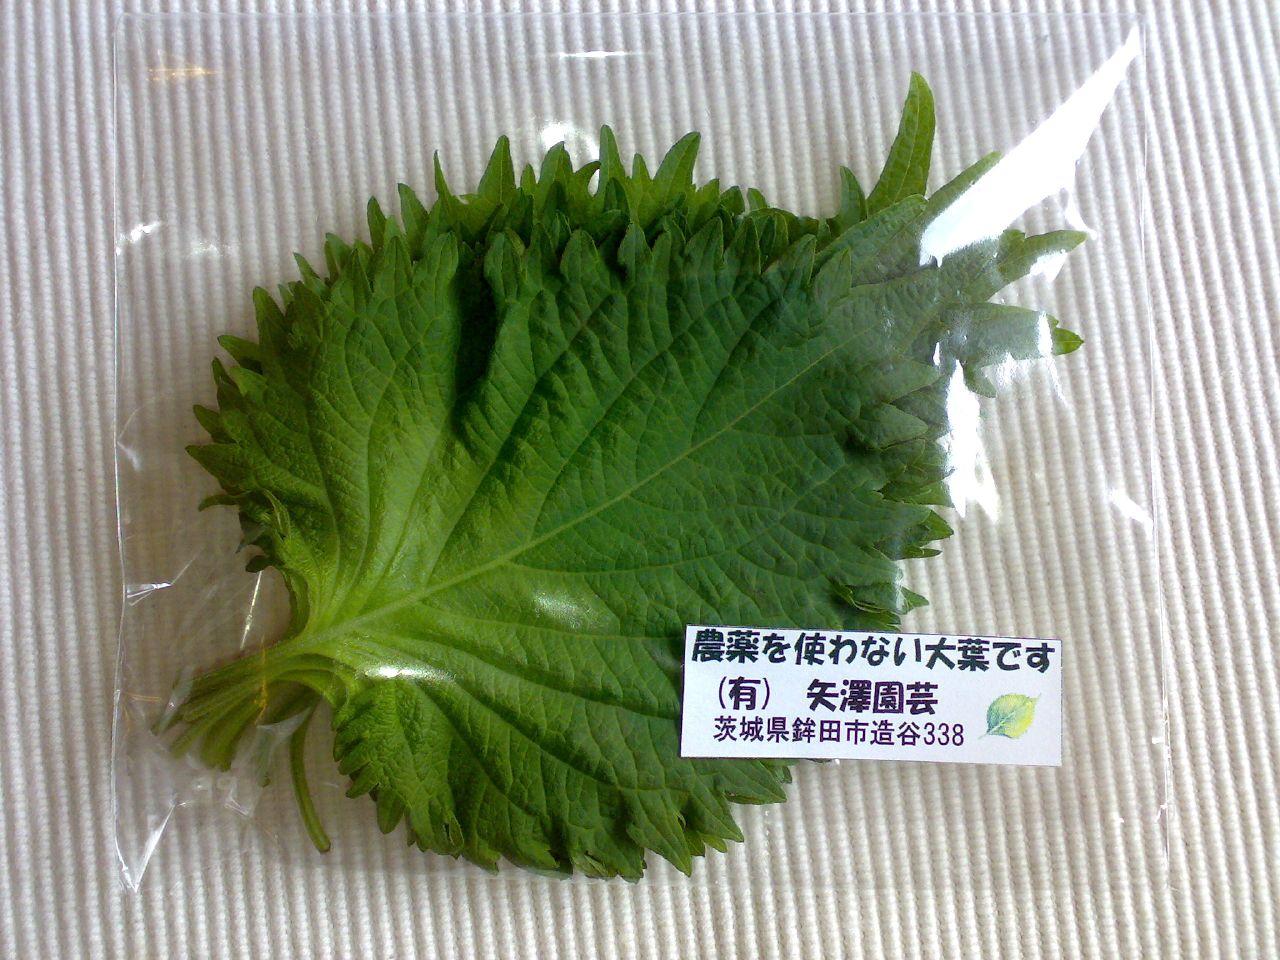 2007/06/28 大葉 ※農薬不使用